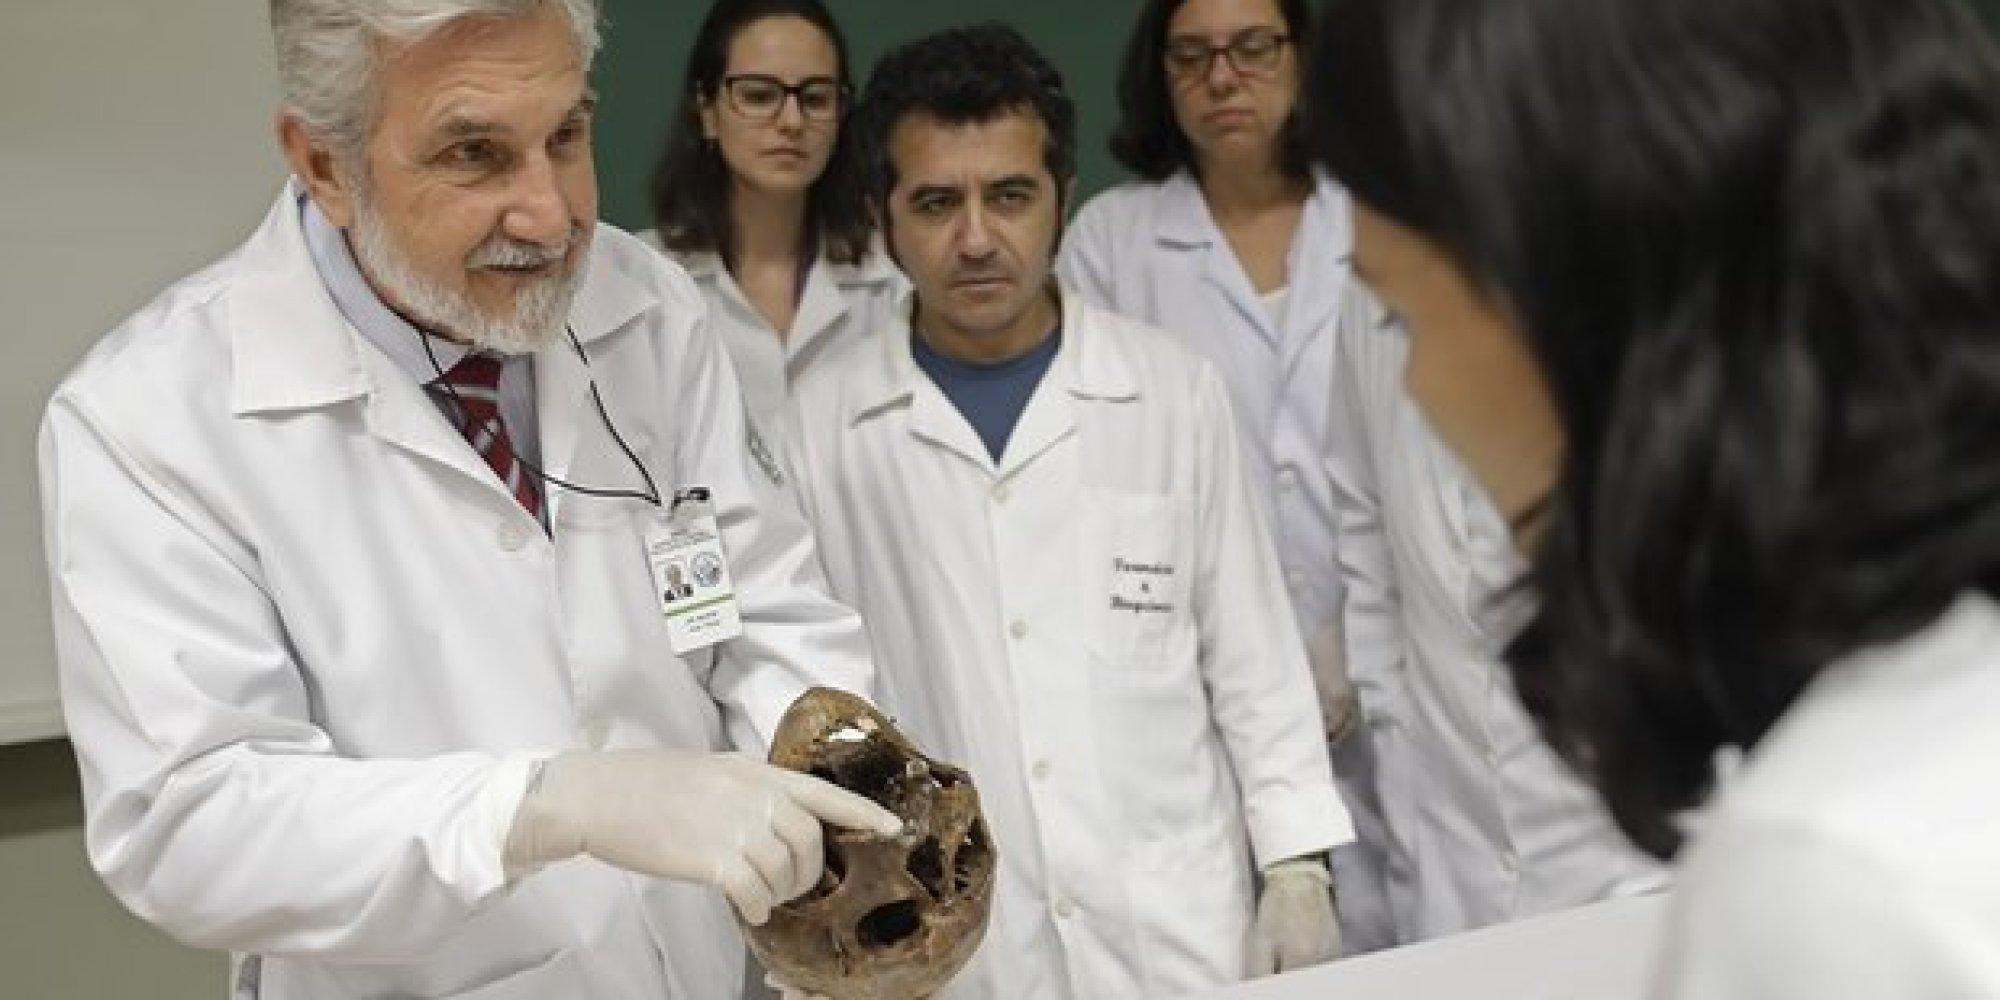 دارت الأيام عليه بعد موته.. هذه رحلة عظام طبيب نازي عذب آلاف اليهود